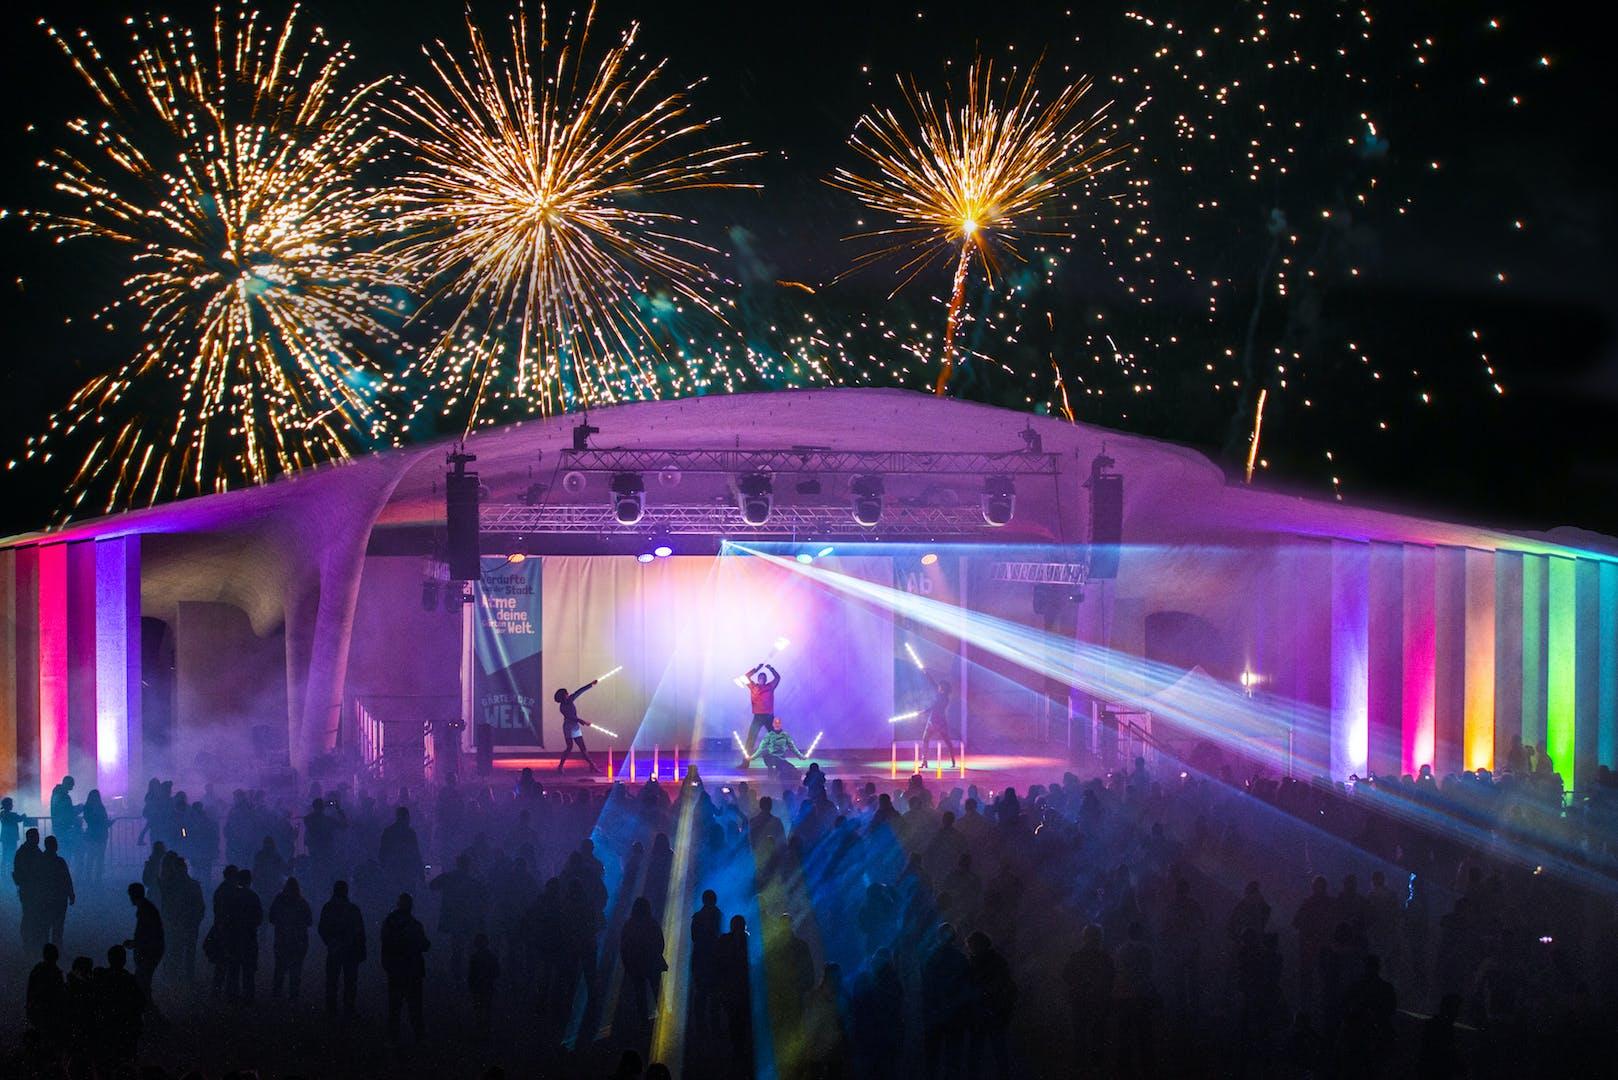 Outdoorbühne mit Artisten auf der Bühne und Feuerwerk und Lasershow im Hintergrund und vielen Zuschauern.